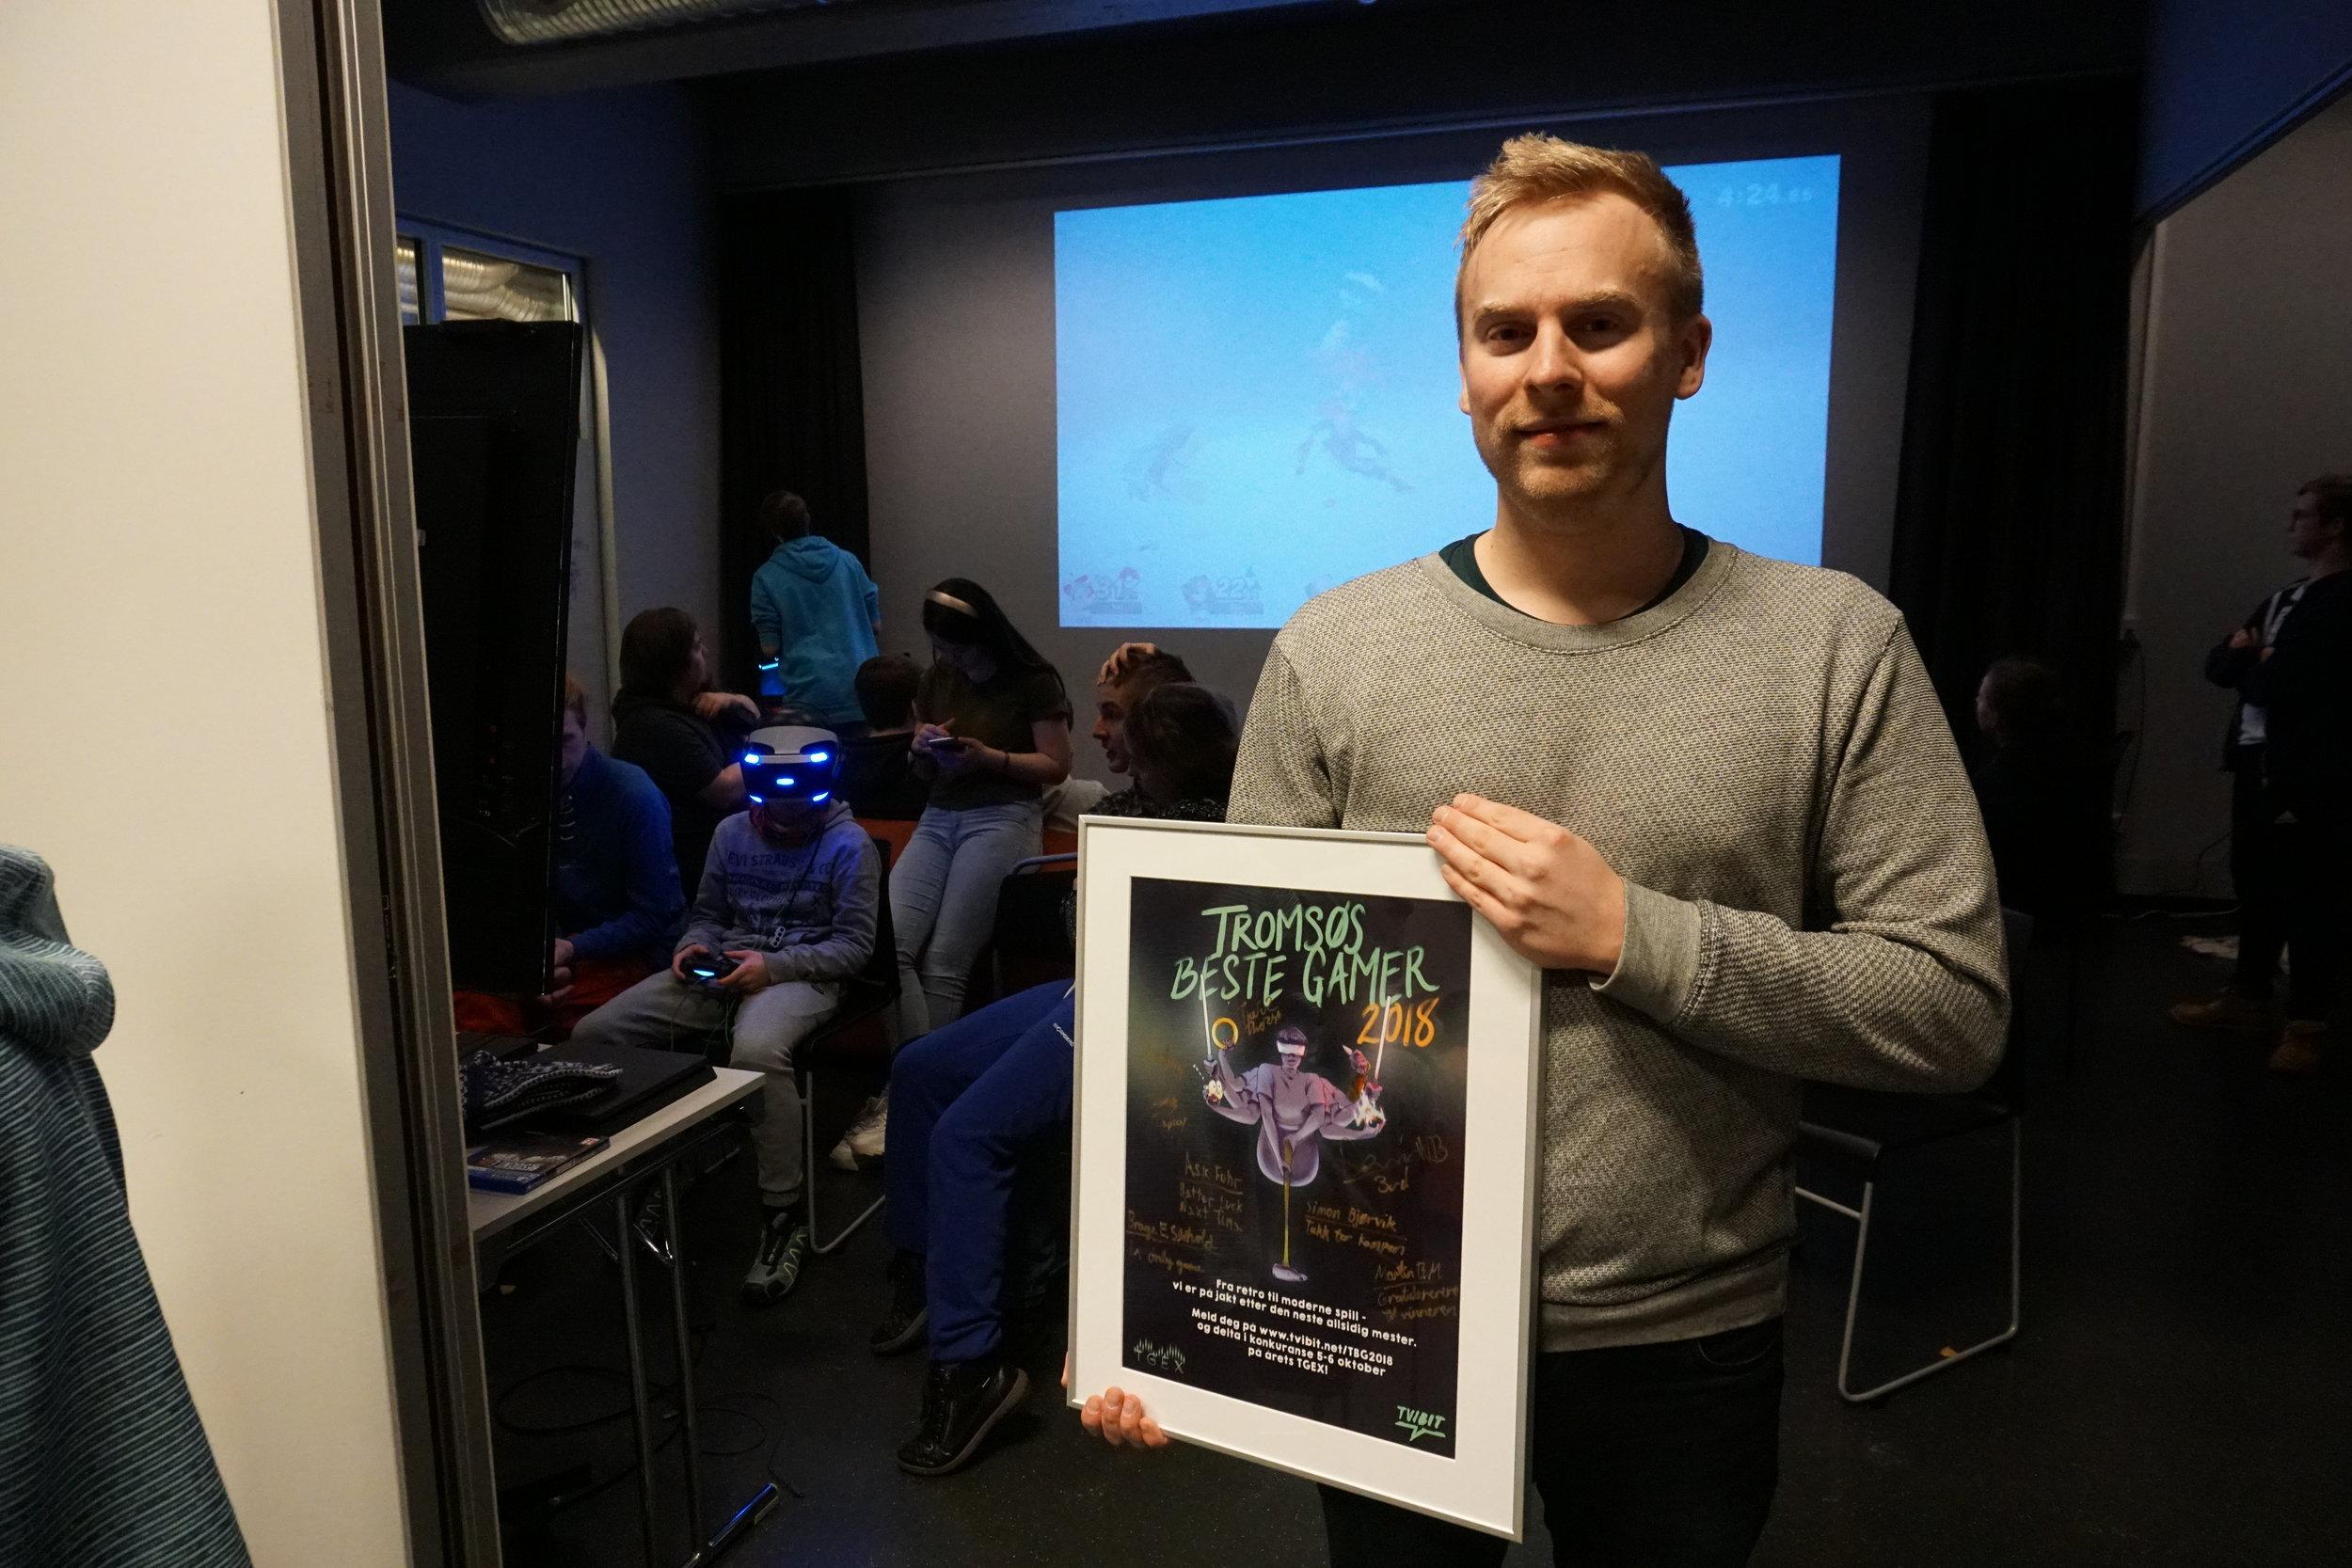 Tromsøs beste gamer 2018